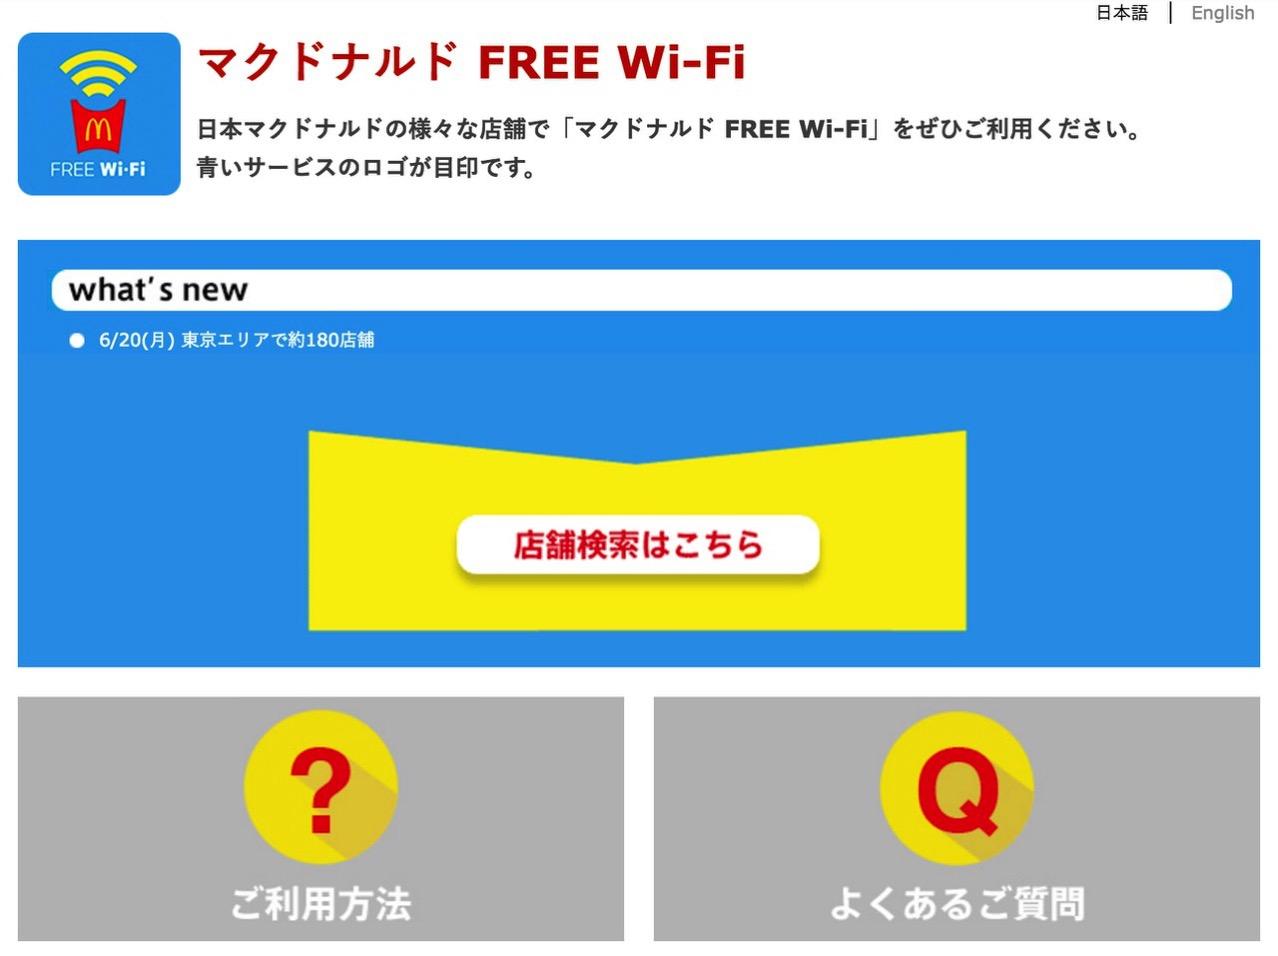 マクドナルドの約1,500舗に無料WiFi「マクドナルド FREE Wi-Fi」導入へ(2016年6月20日開始)